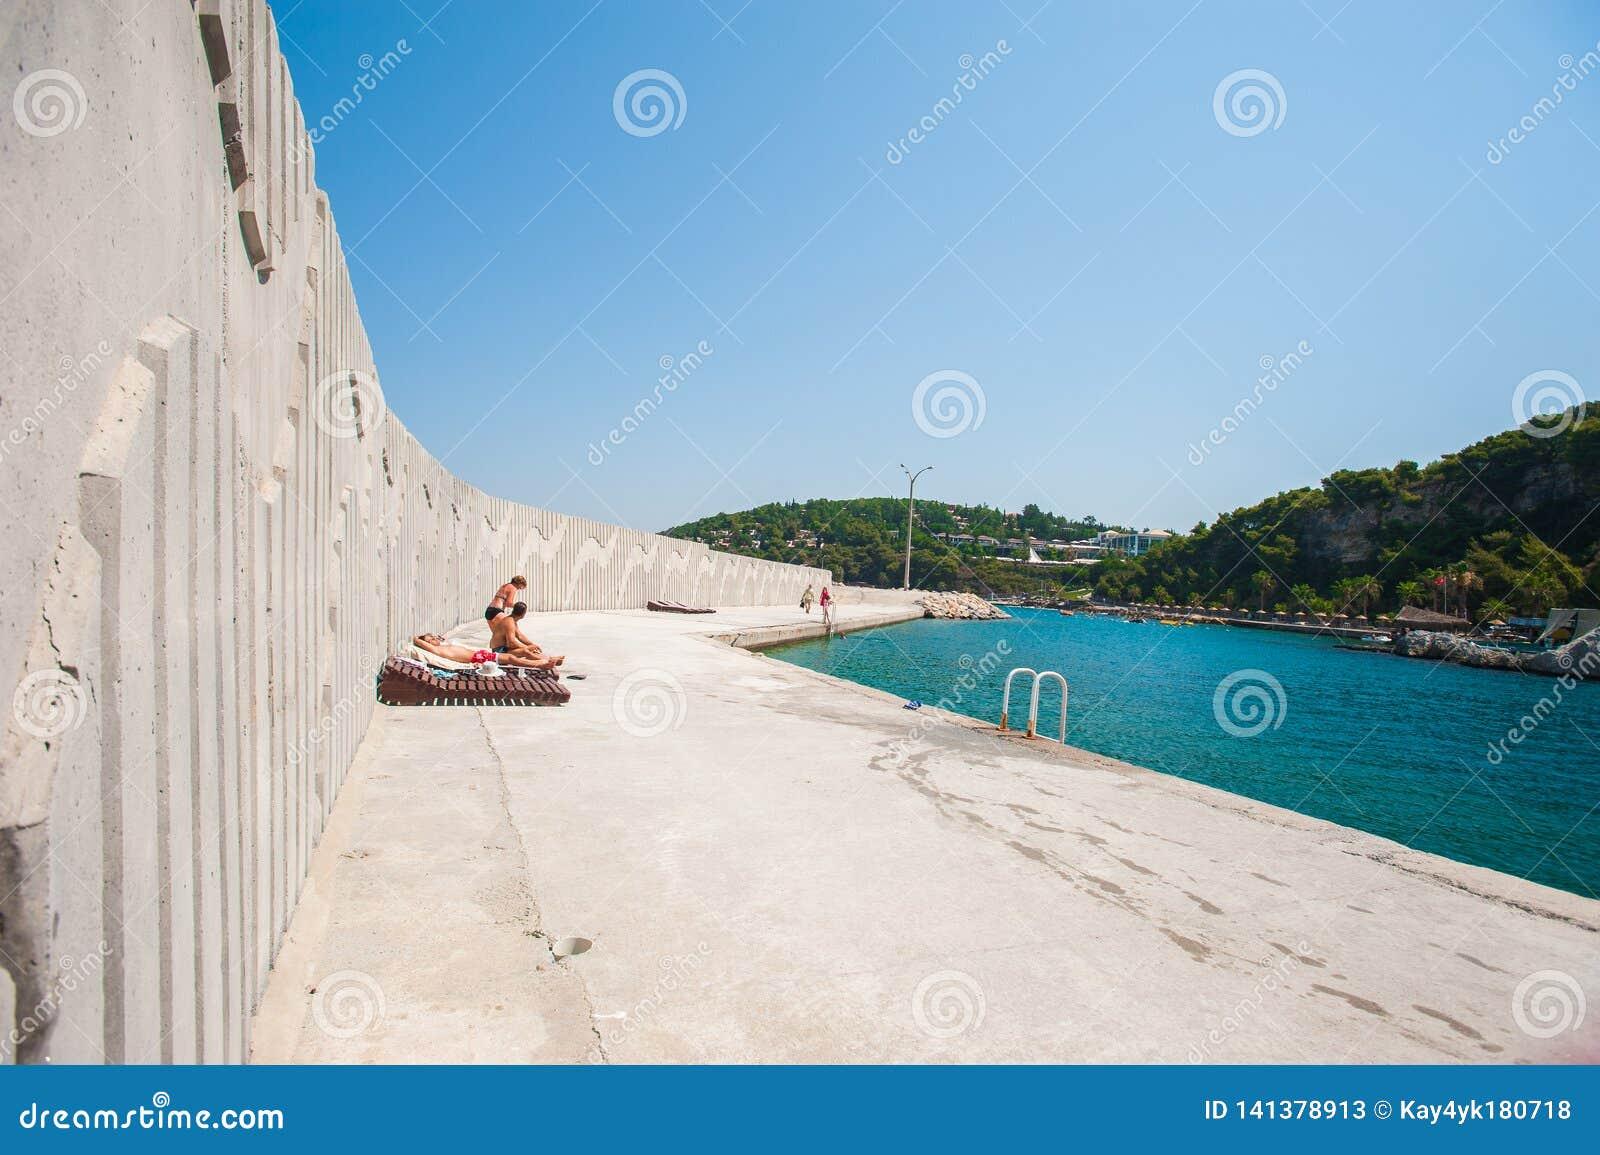 Solidão no resto, vadio no concreto perto do mar